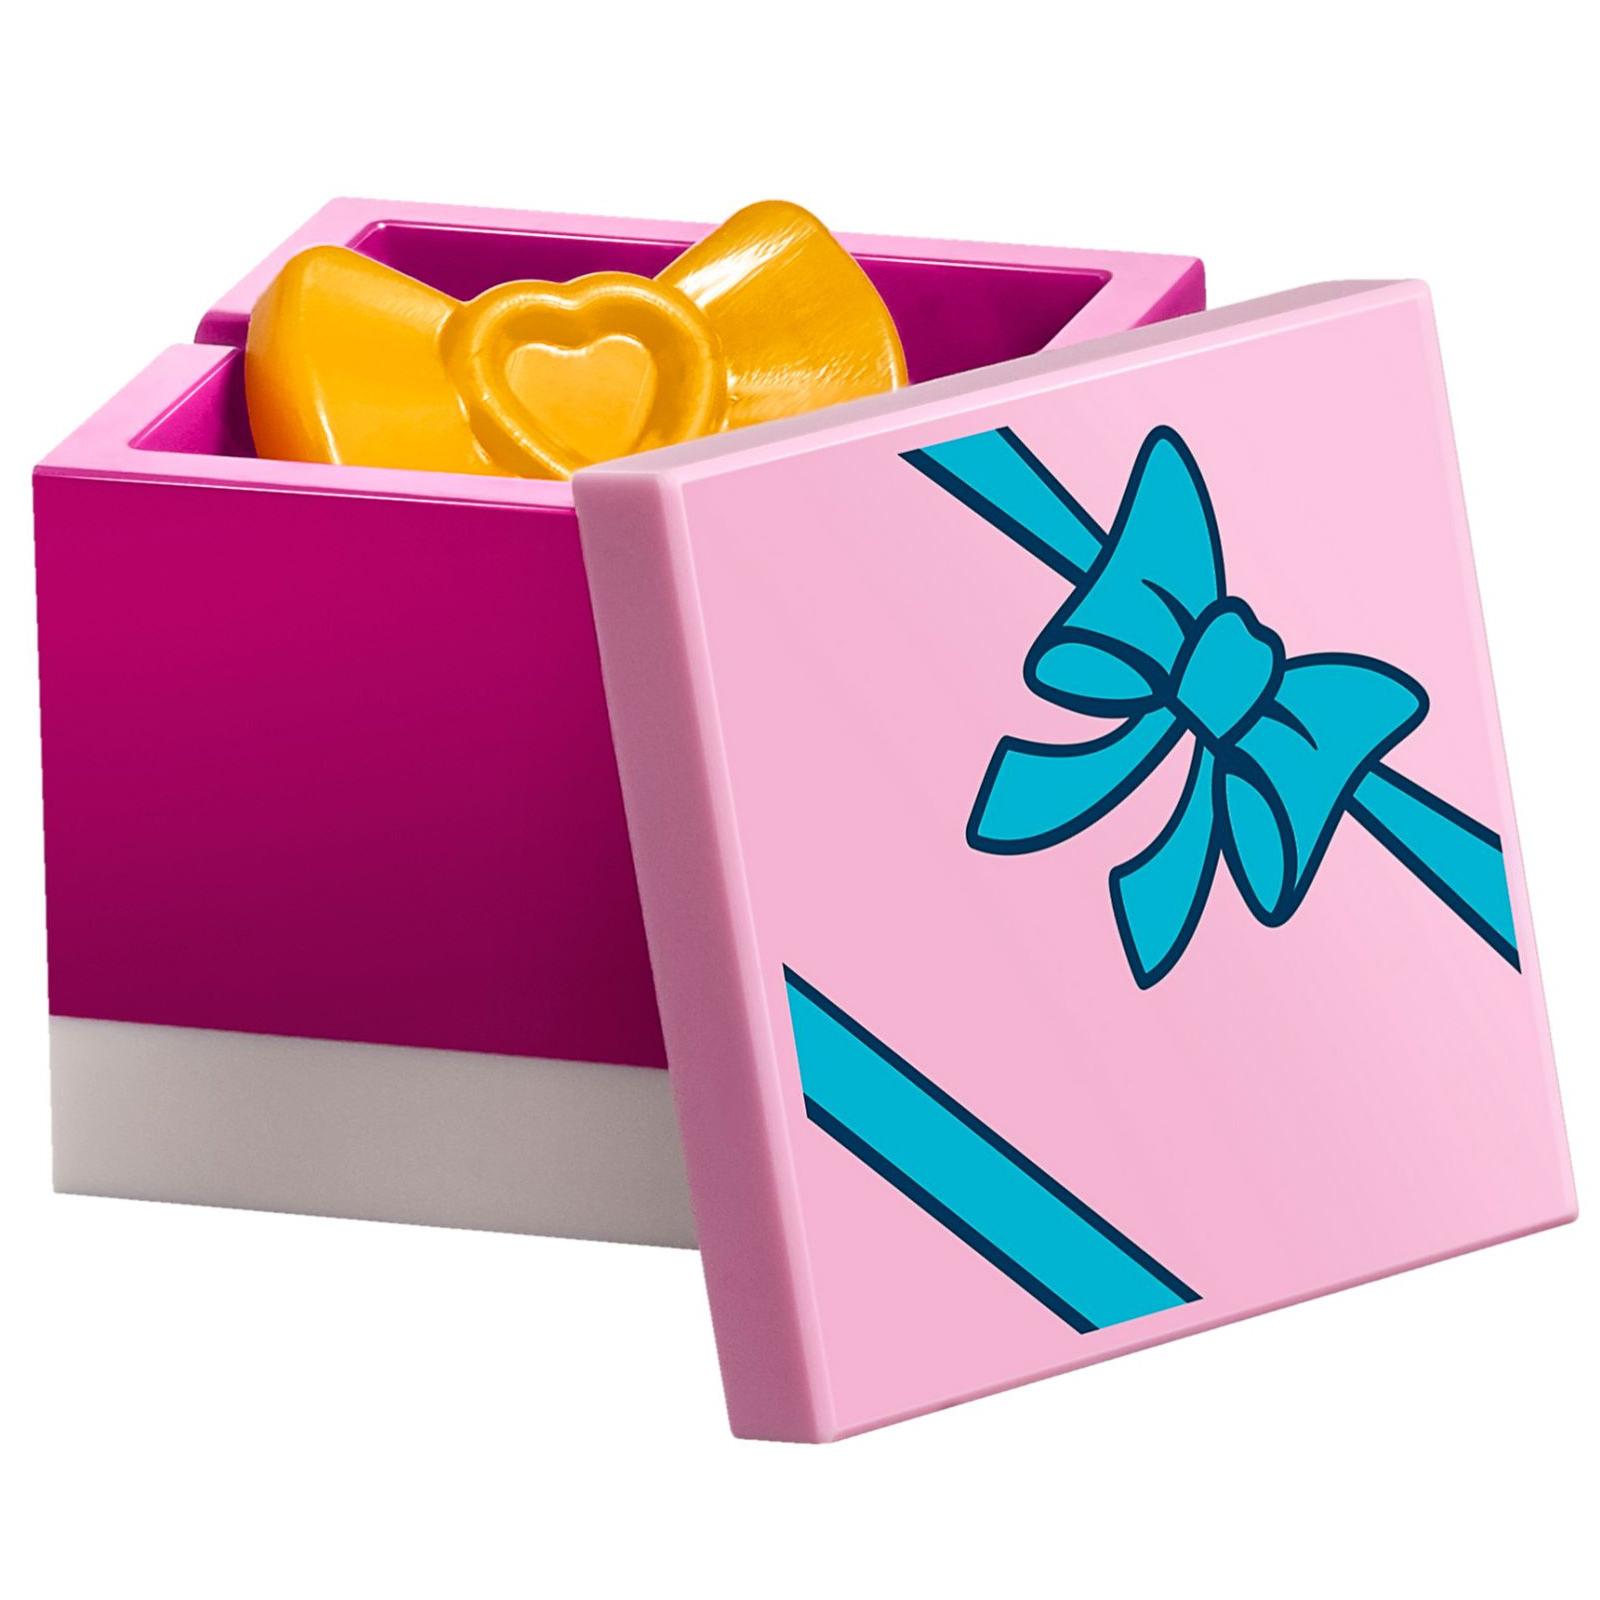 Конструктор LEGO Friends День рождения: салон красоты (41114) изображение 5